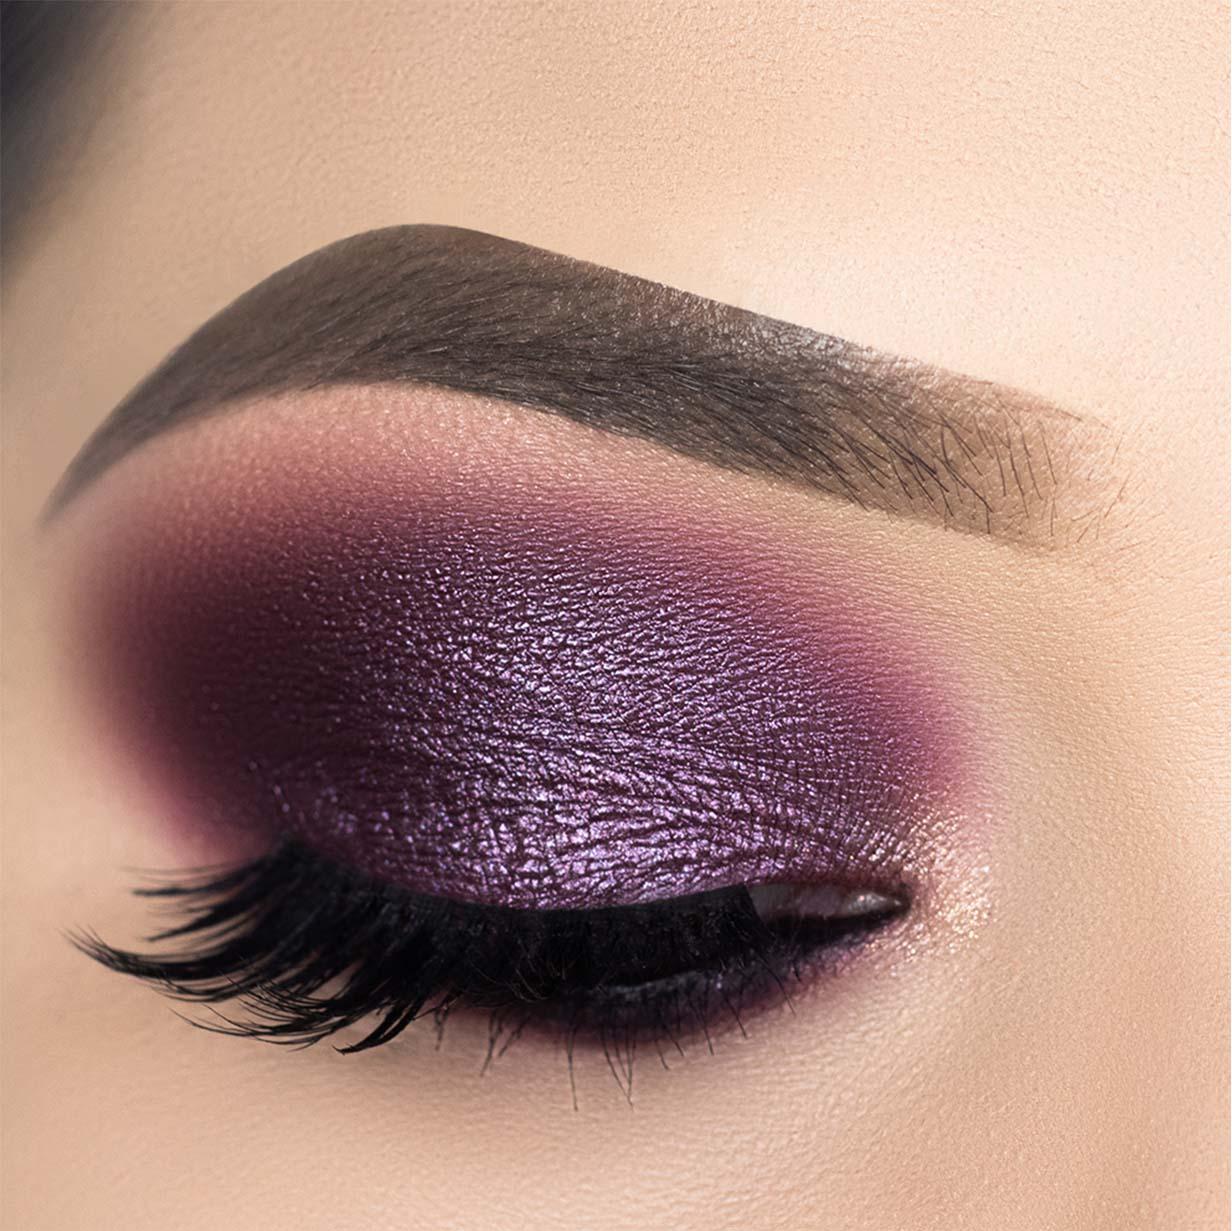 Asa de Borboleta Glitter Suelen Makeup Bangkok  - SUELEN MAKEUP